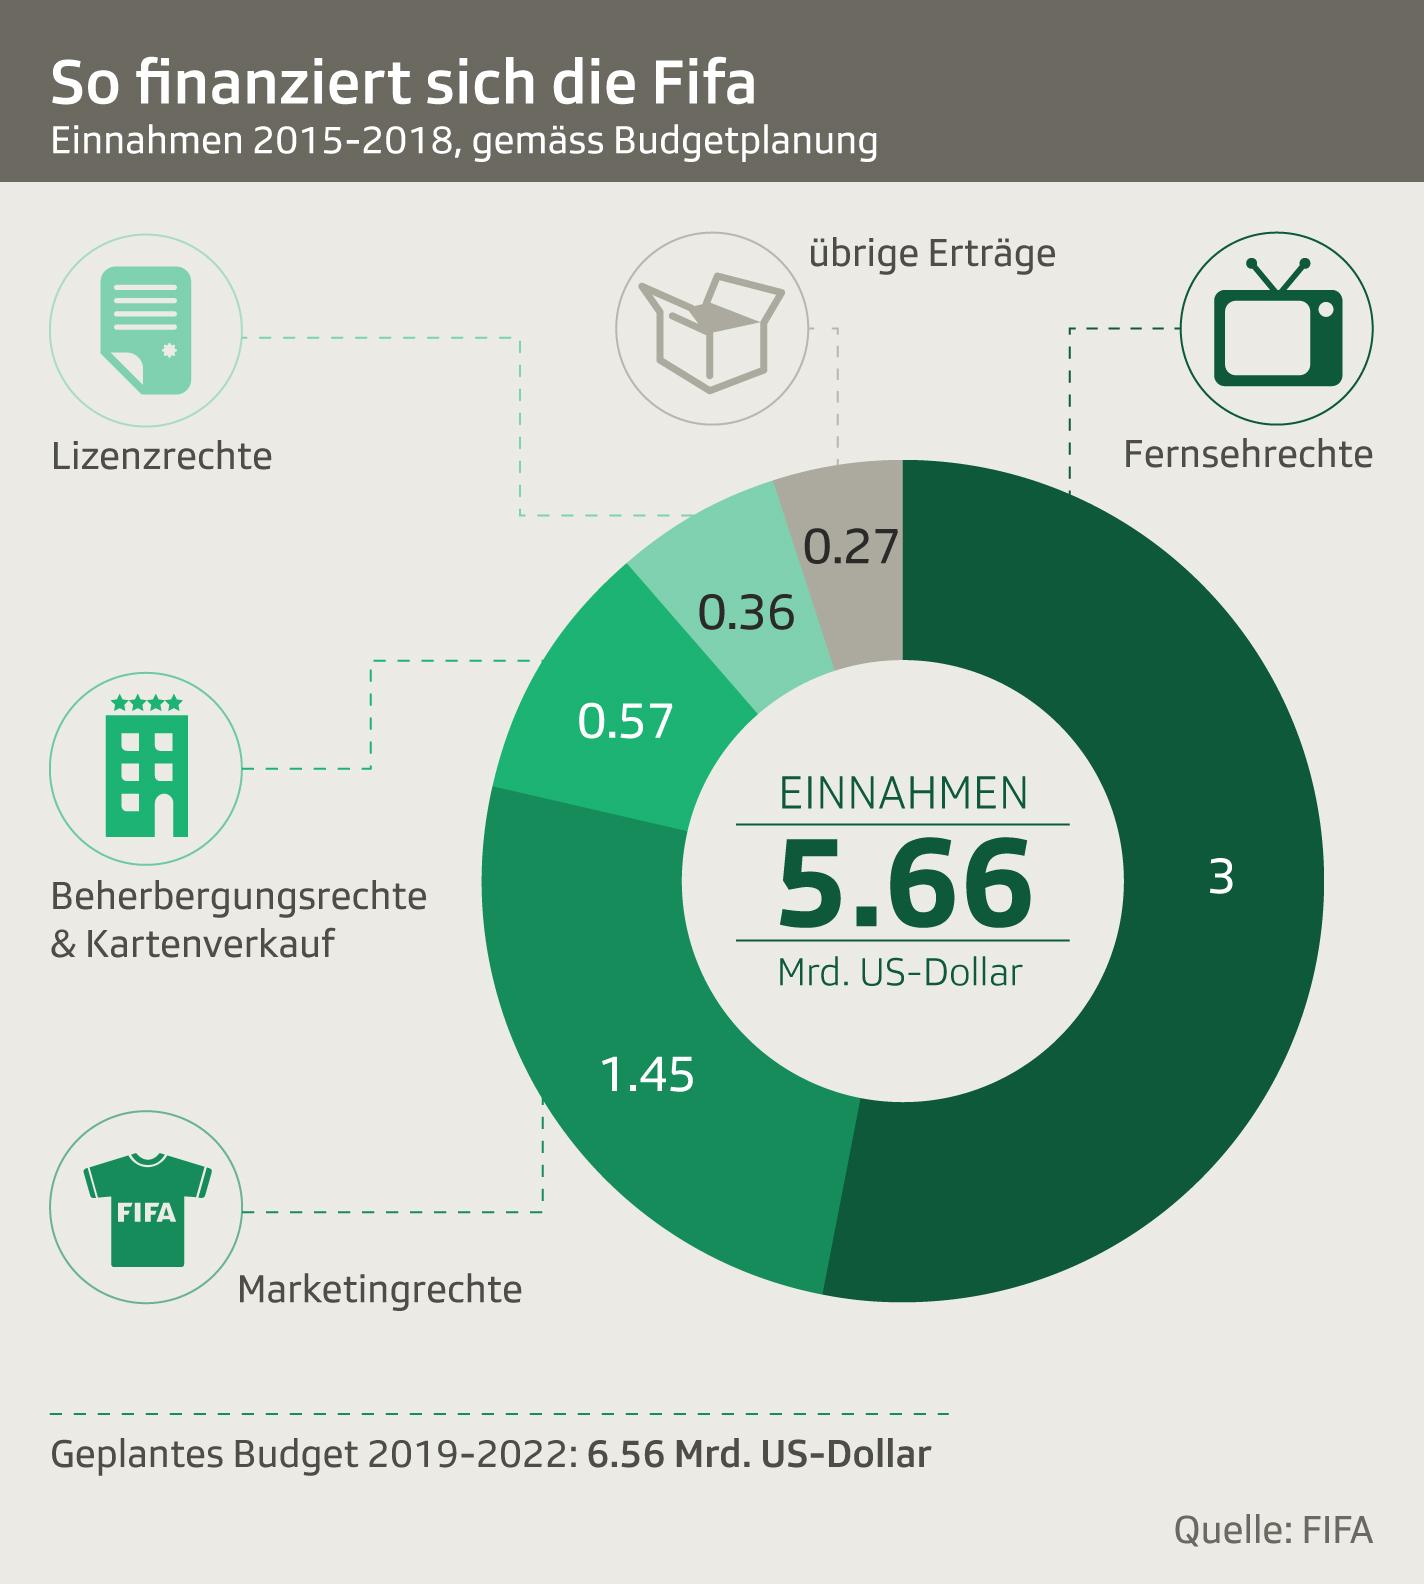 Einnahmen Fifa